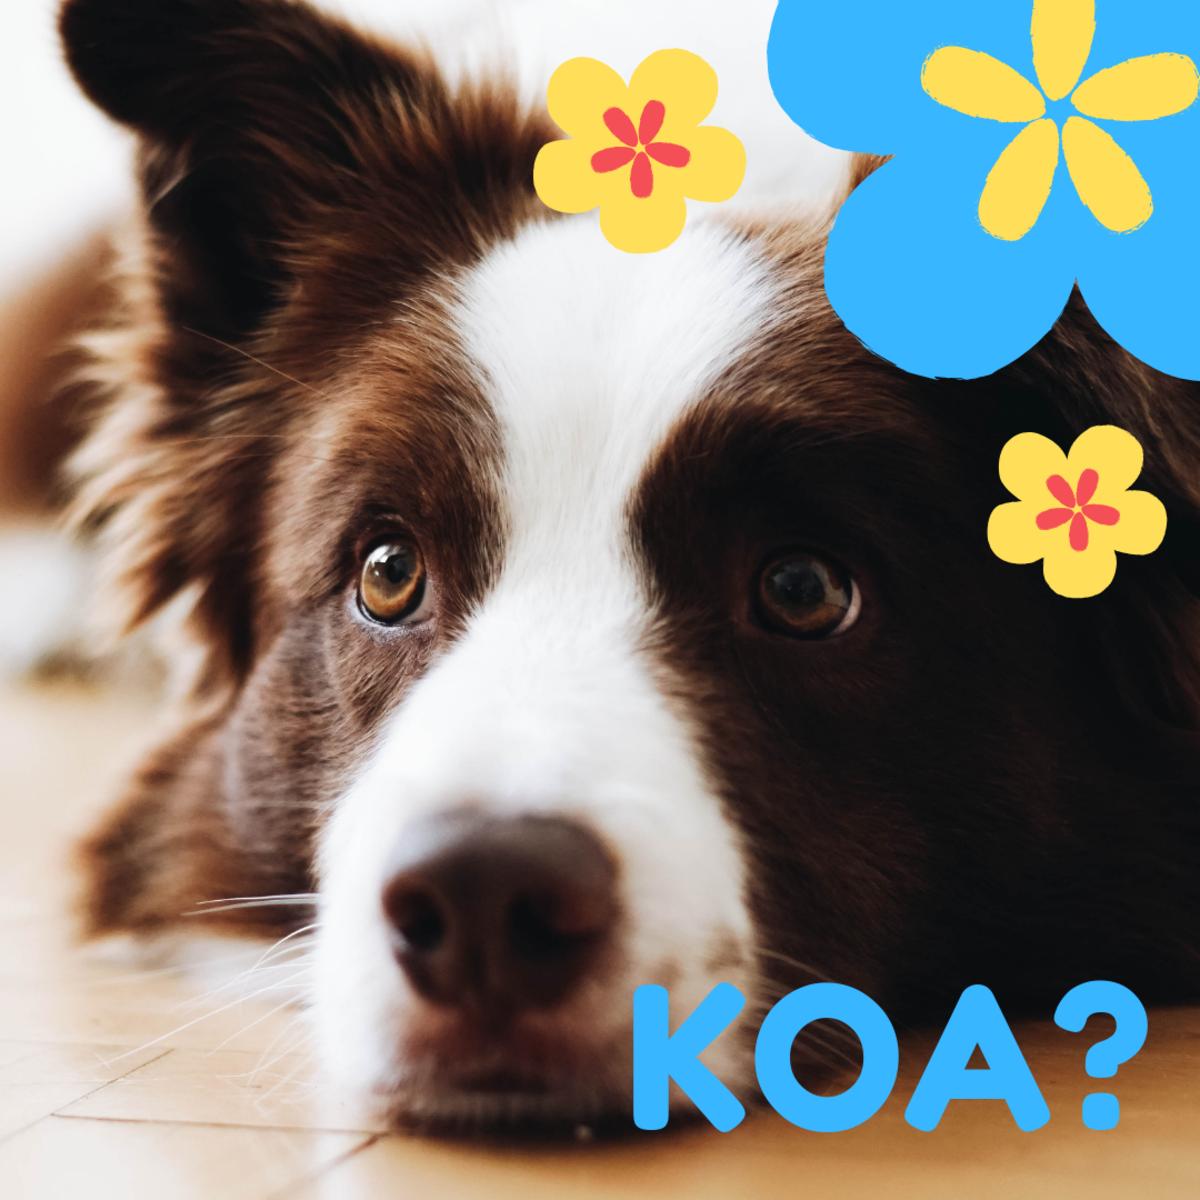 Is he a Koa?